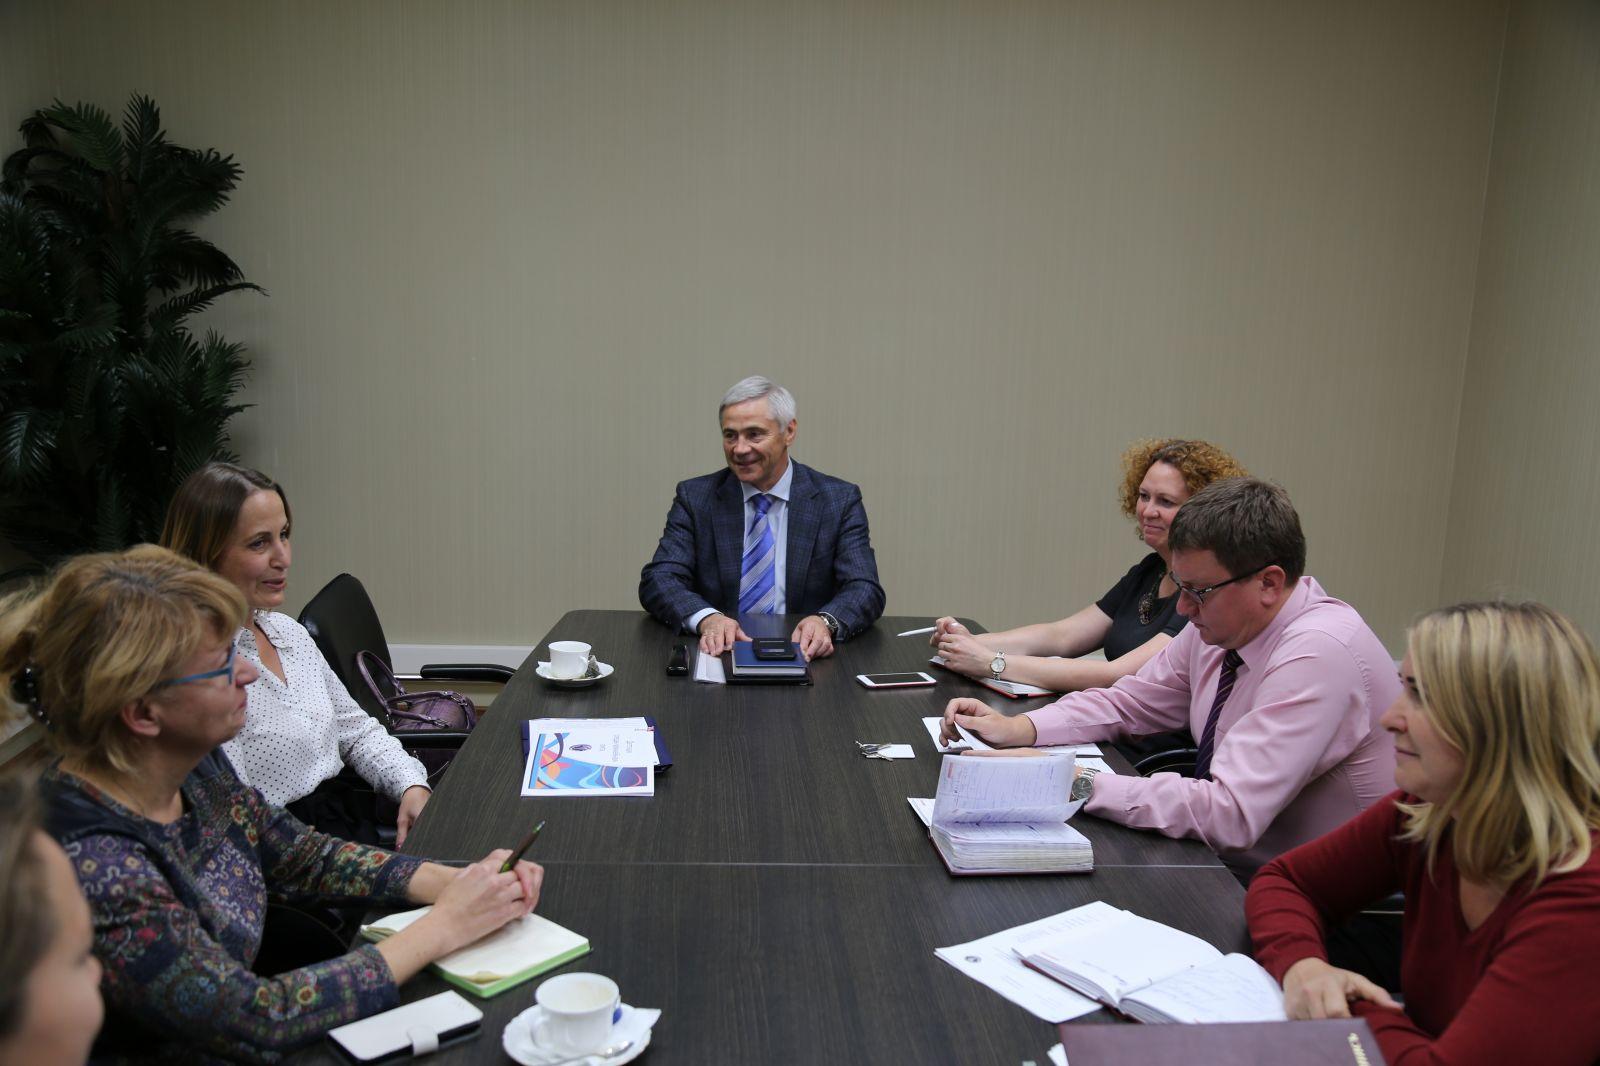 П.А. Рожков в офисе ПКР провел встречу с директором по развитию детской следж-хоккейной лиги А.О. Барадачевой